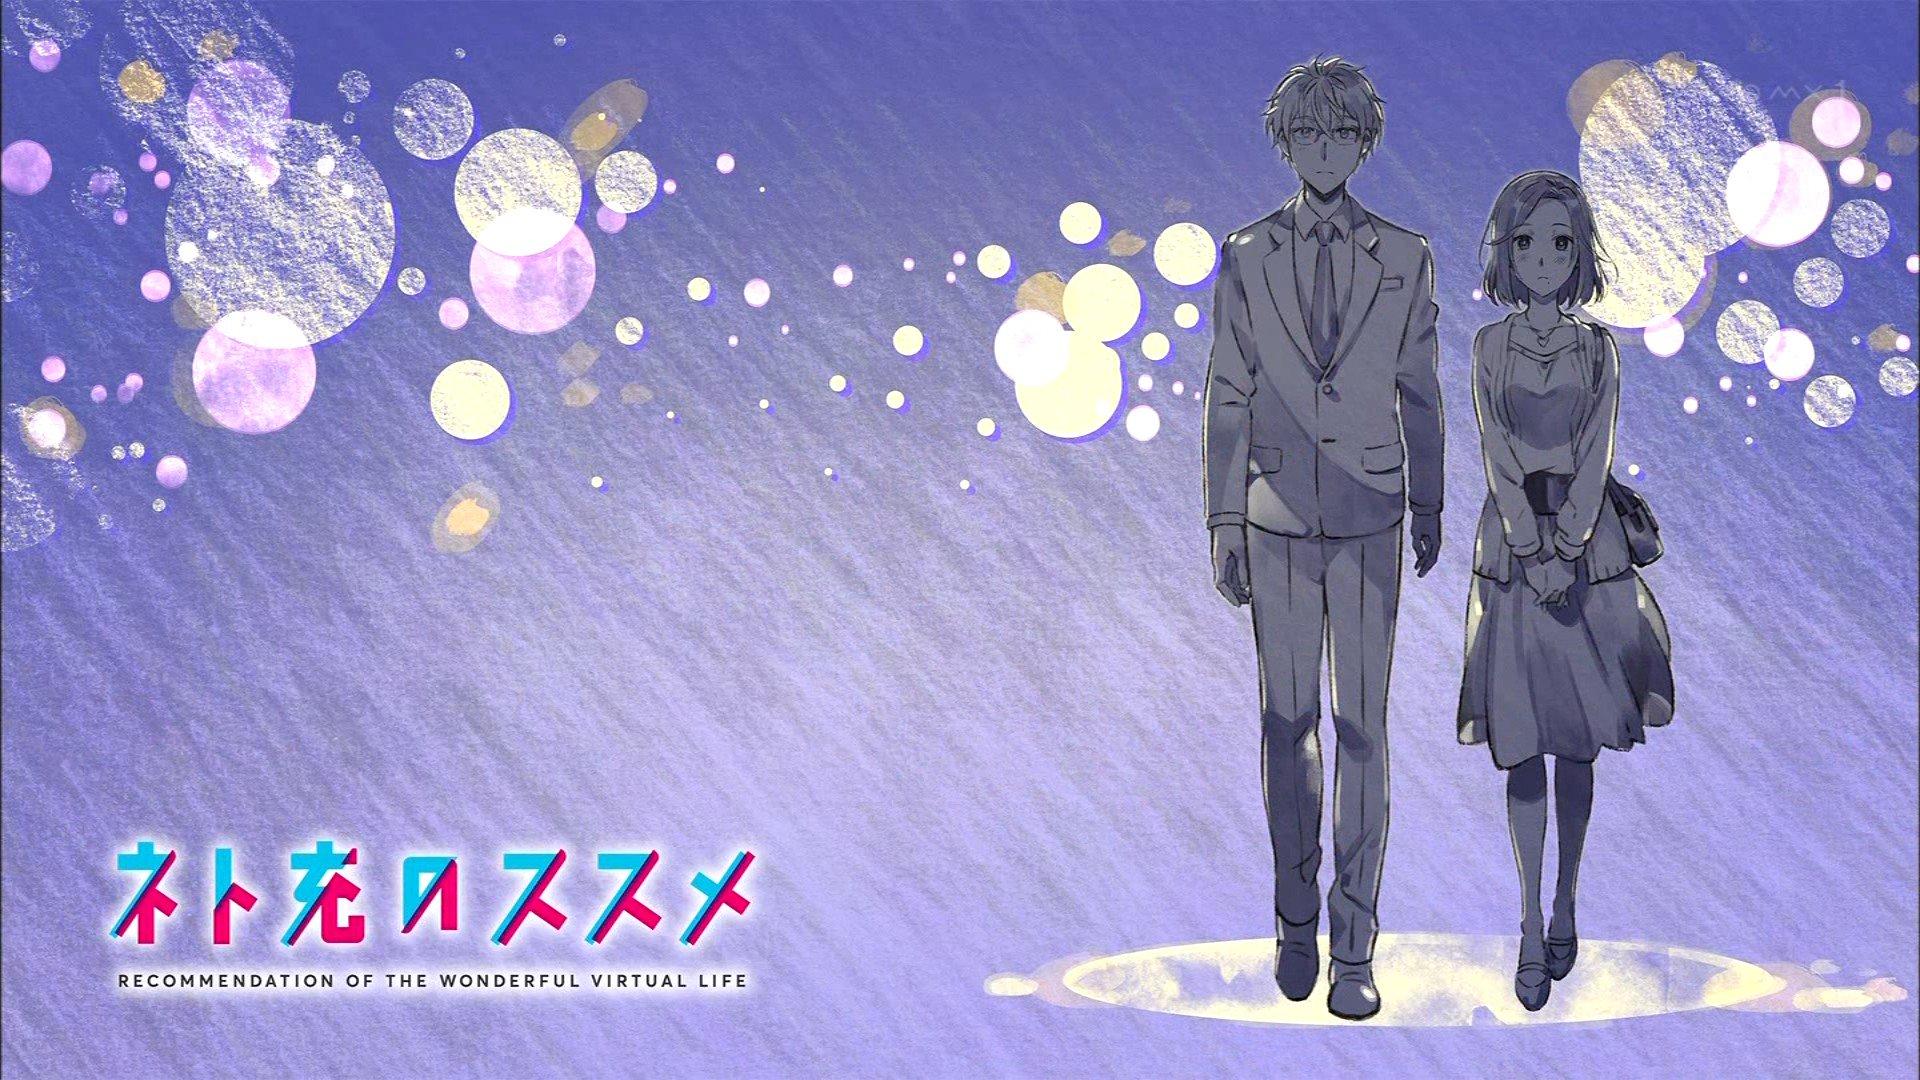 アイキャッチ #netoju_anime #ネト充のススメ #tokyomx https://t.co/r5yQo0zF70